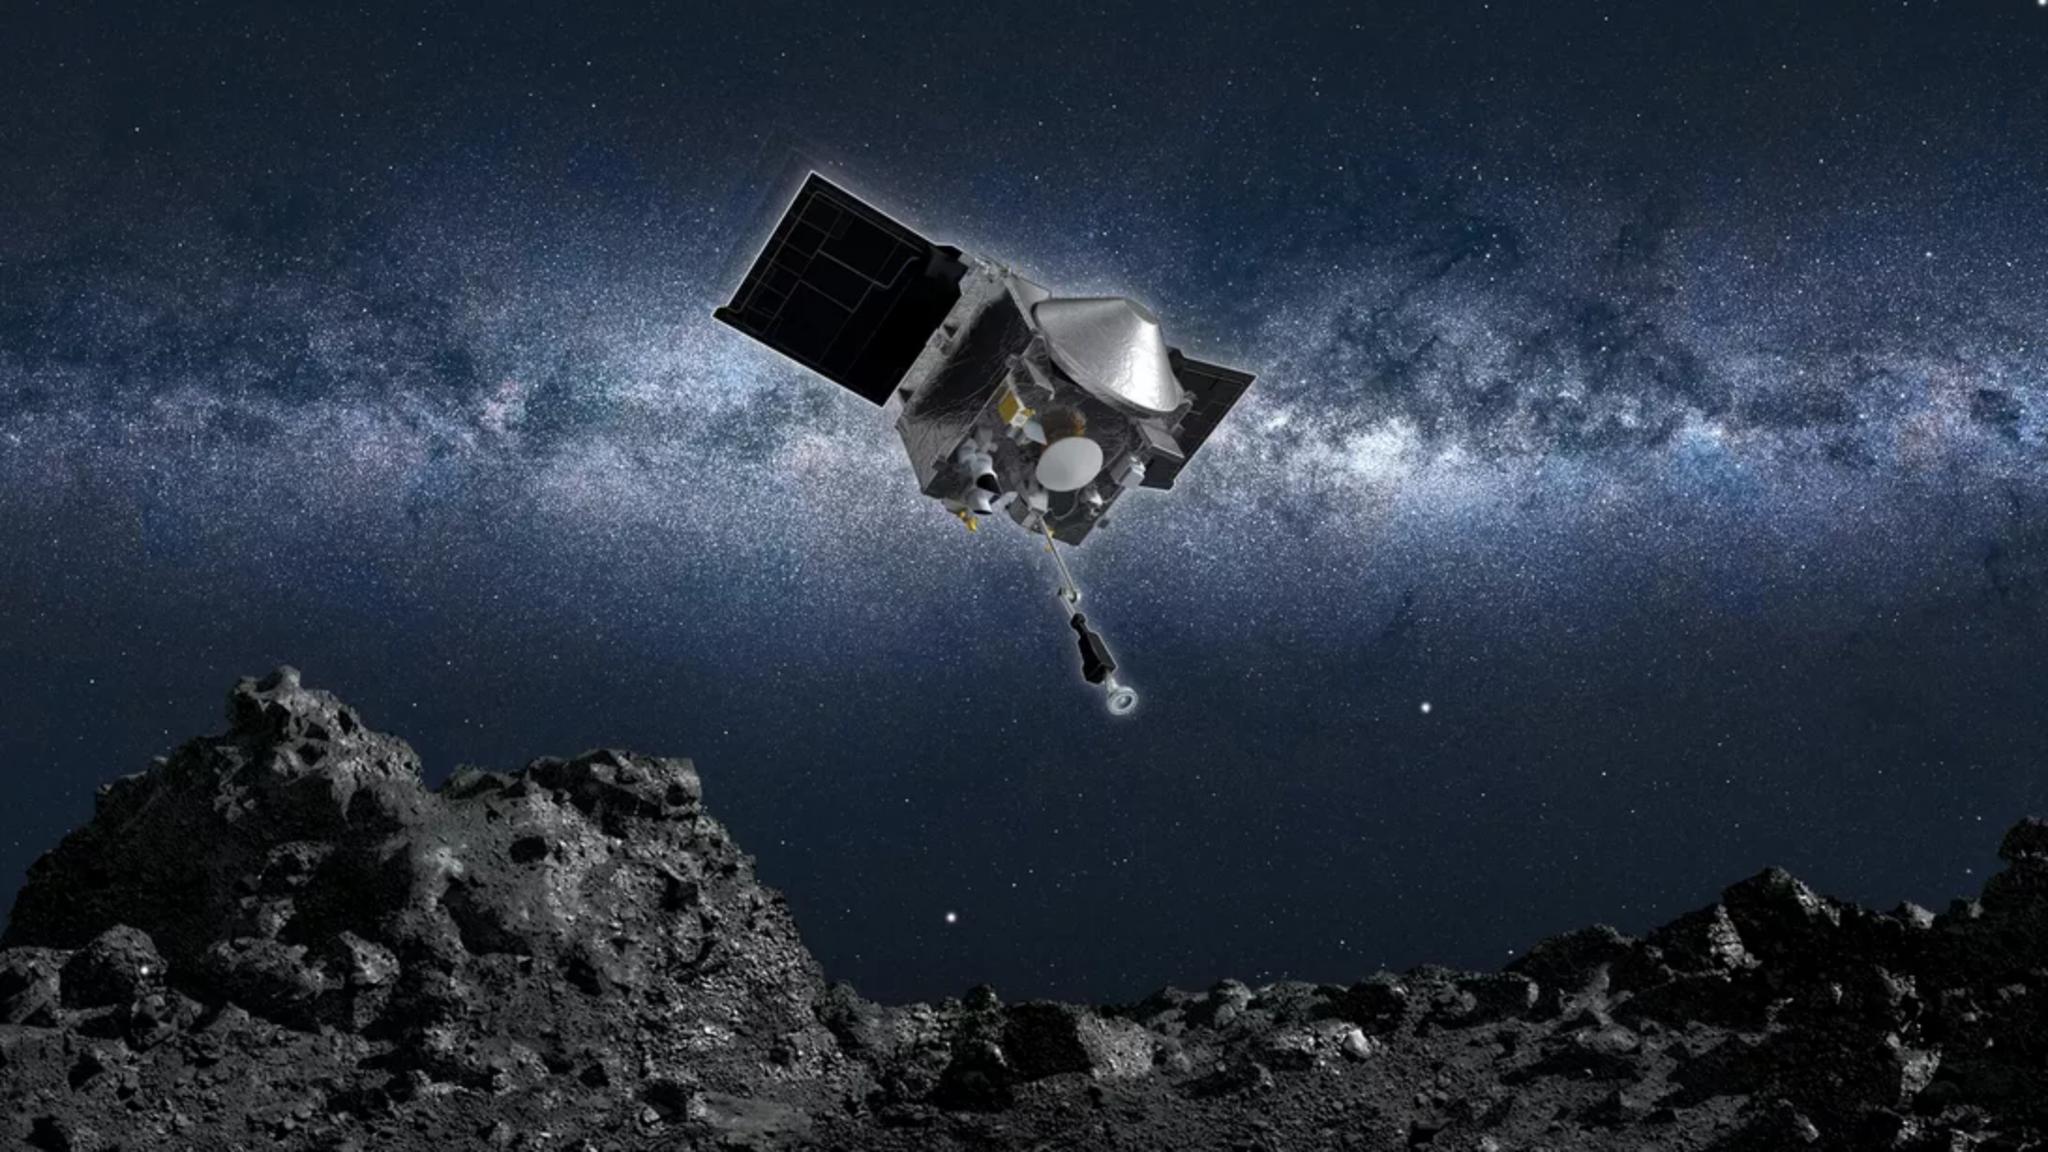 已获得小行星样本的NASA飞船Osiris-Rex今日开启返航之旅